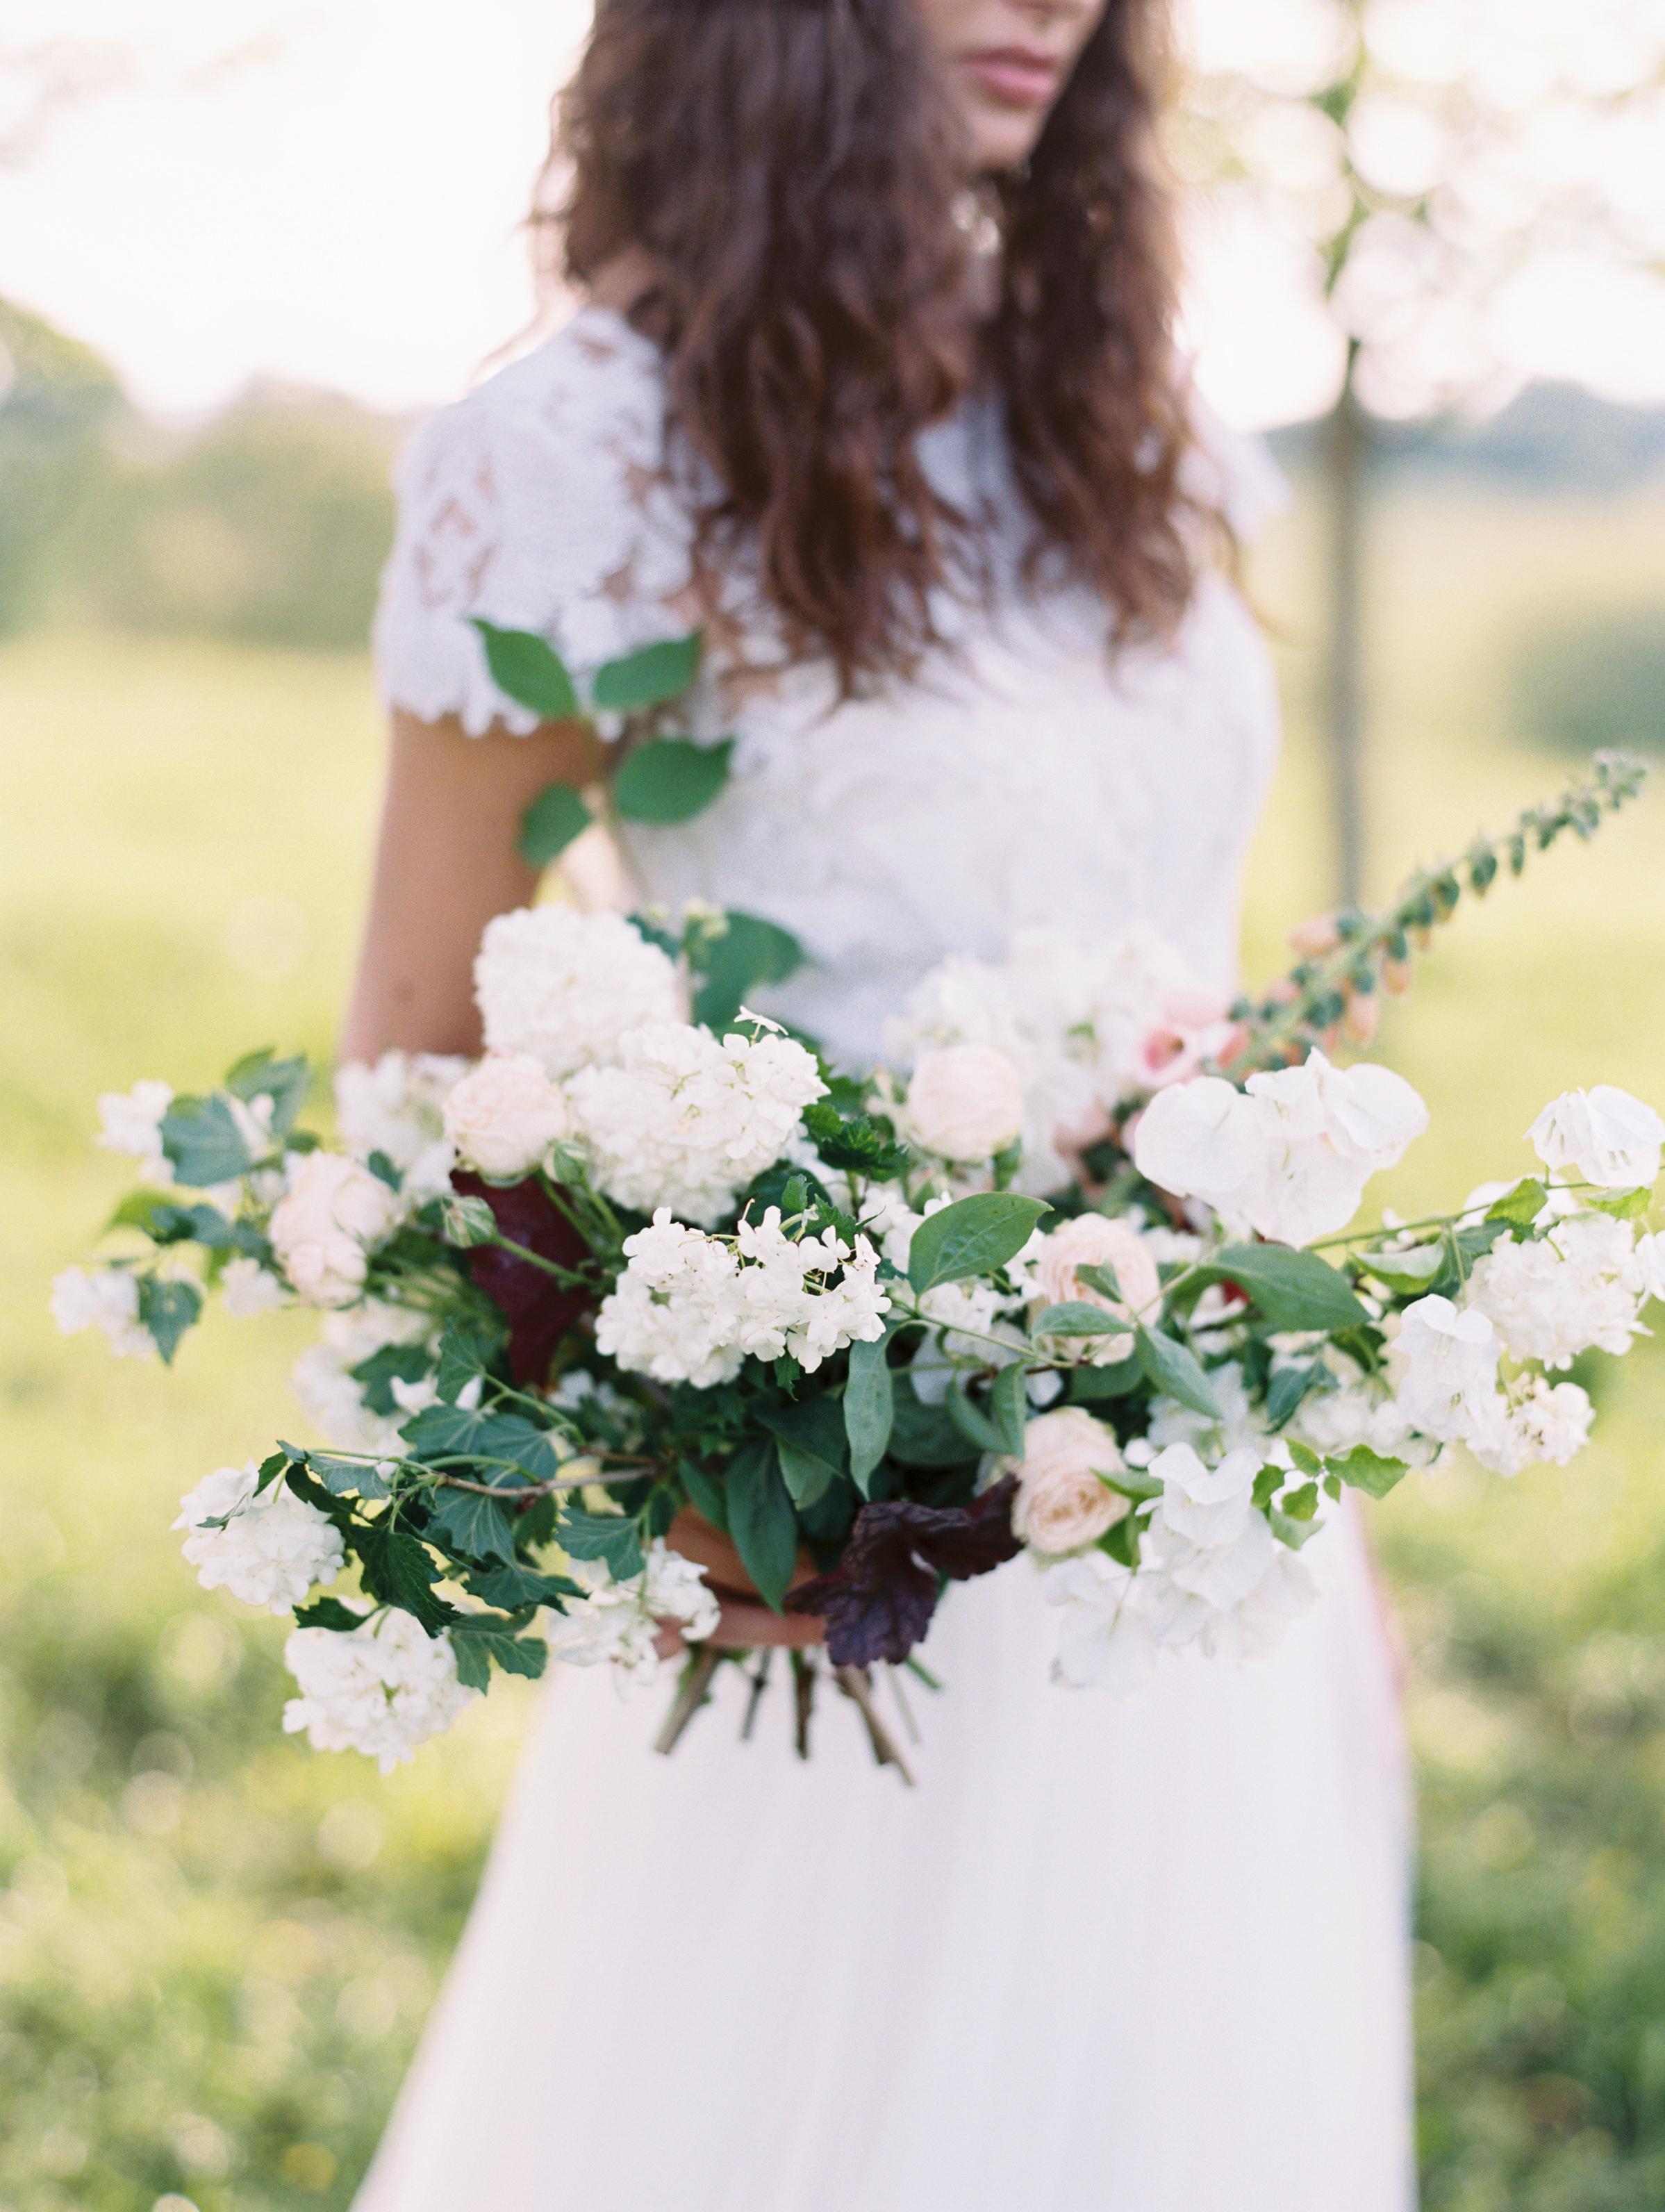 Middleburg Wedding Inspiration | Wild Green Yonder Bouquet